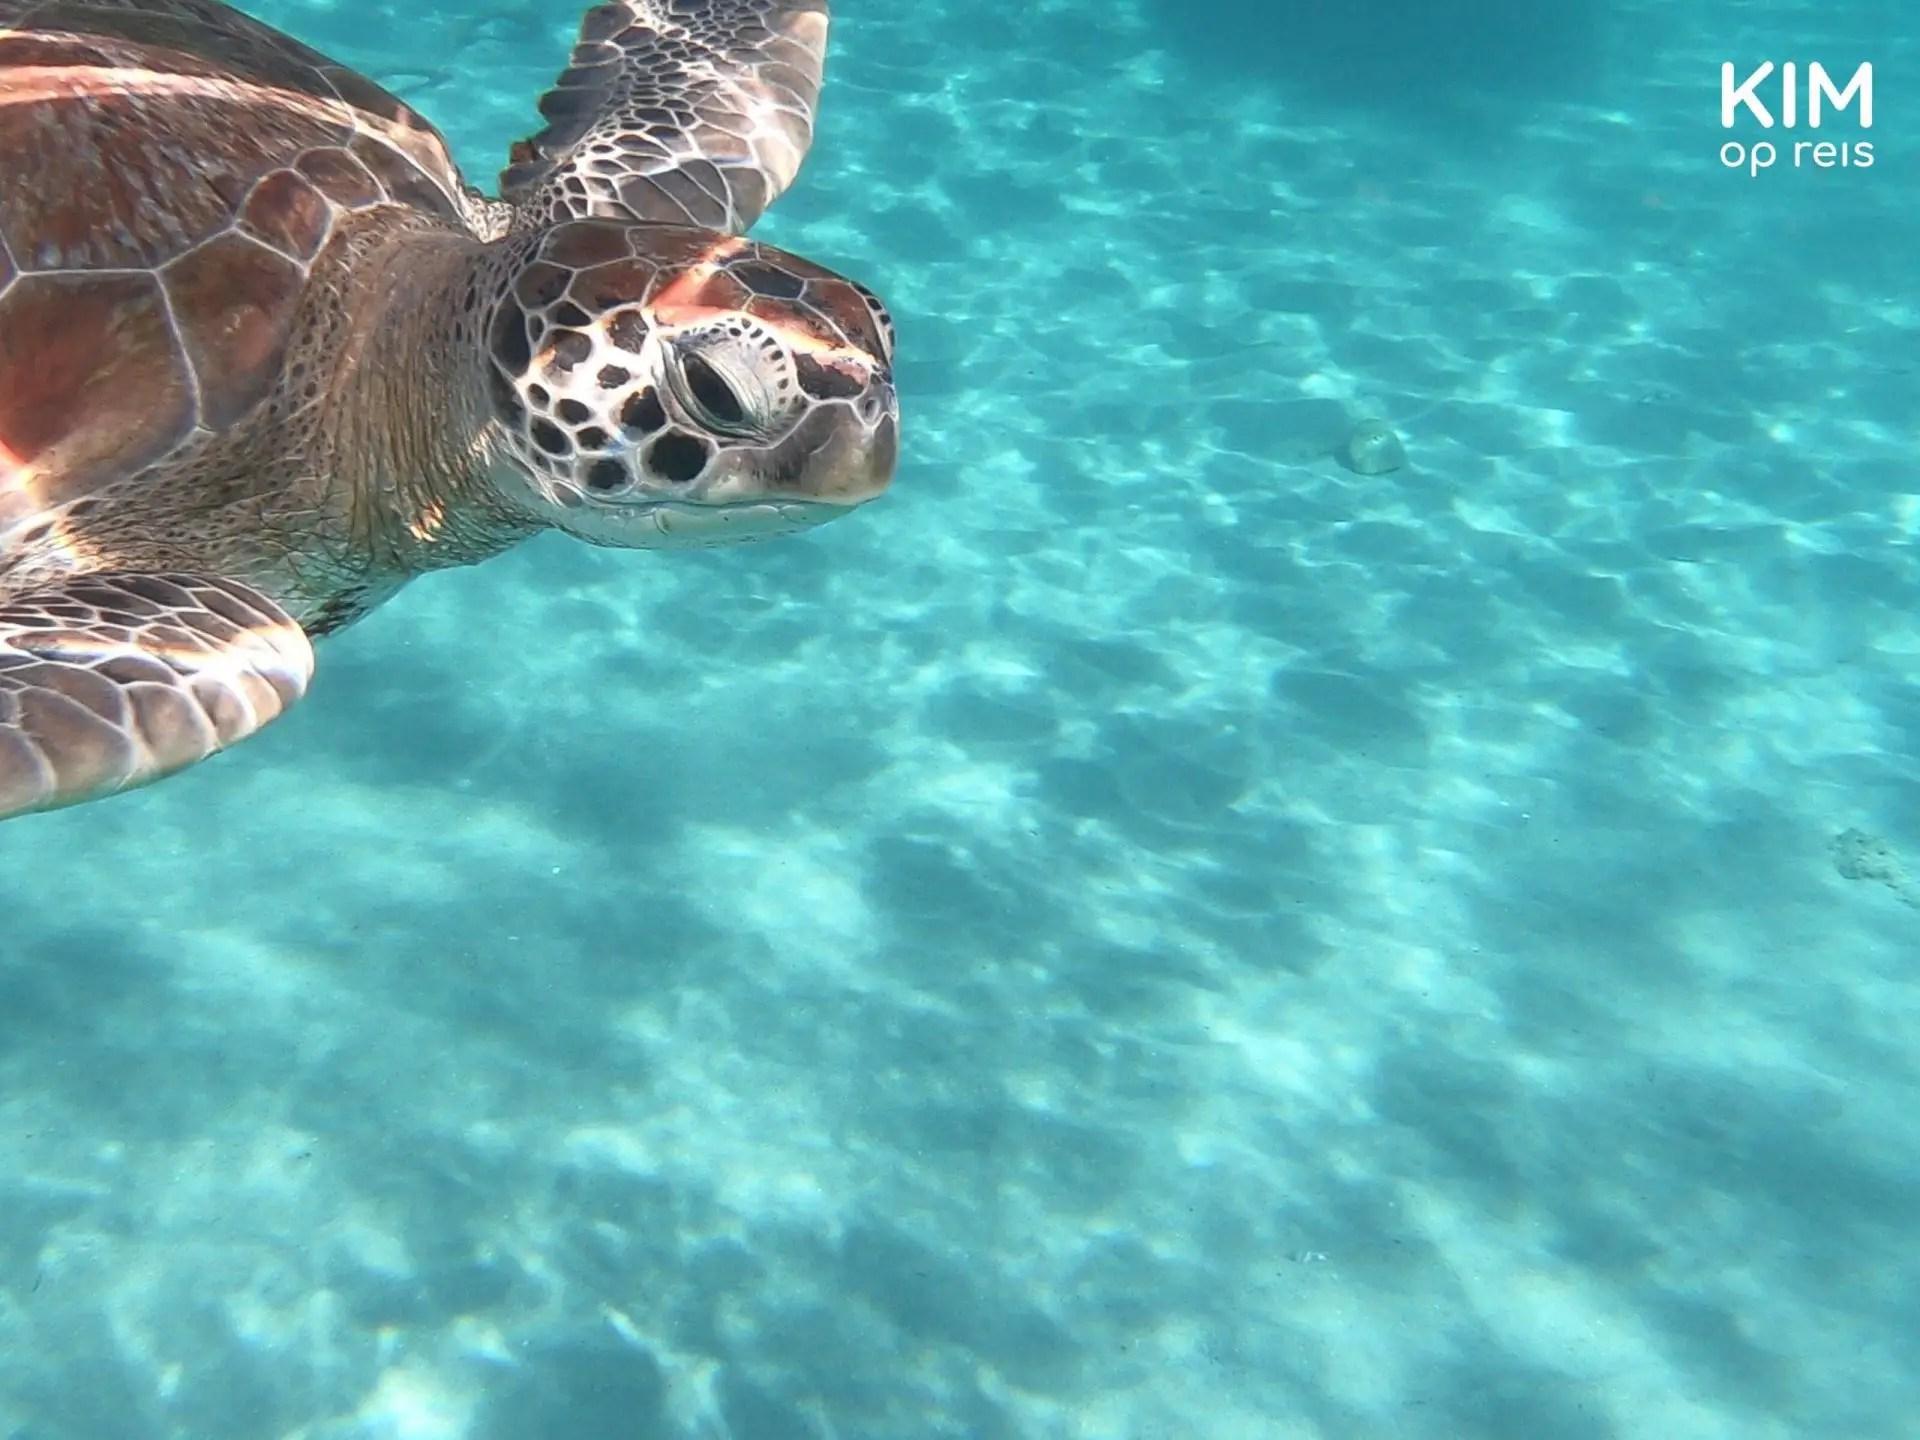 snorkelen schildpadden Curaçao: schildpad zwemt voorbij in de linkerbovenhoek